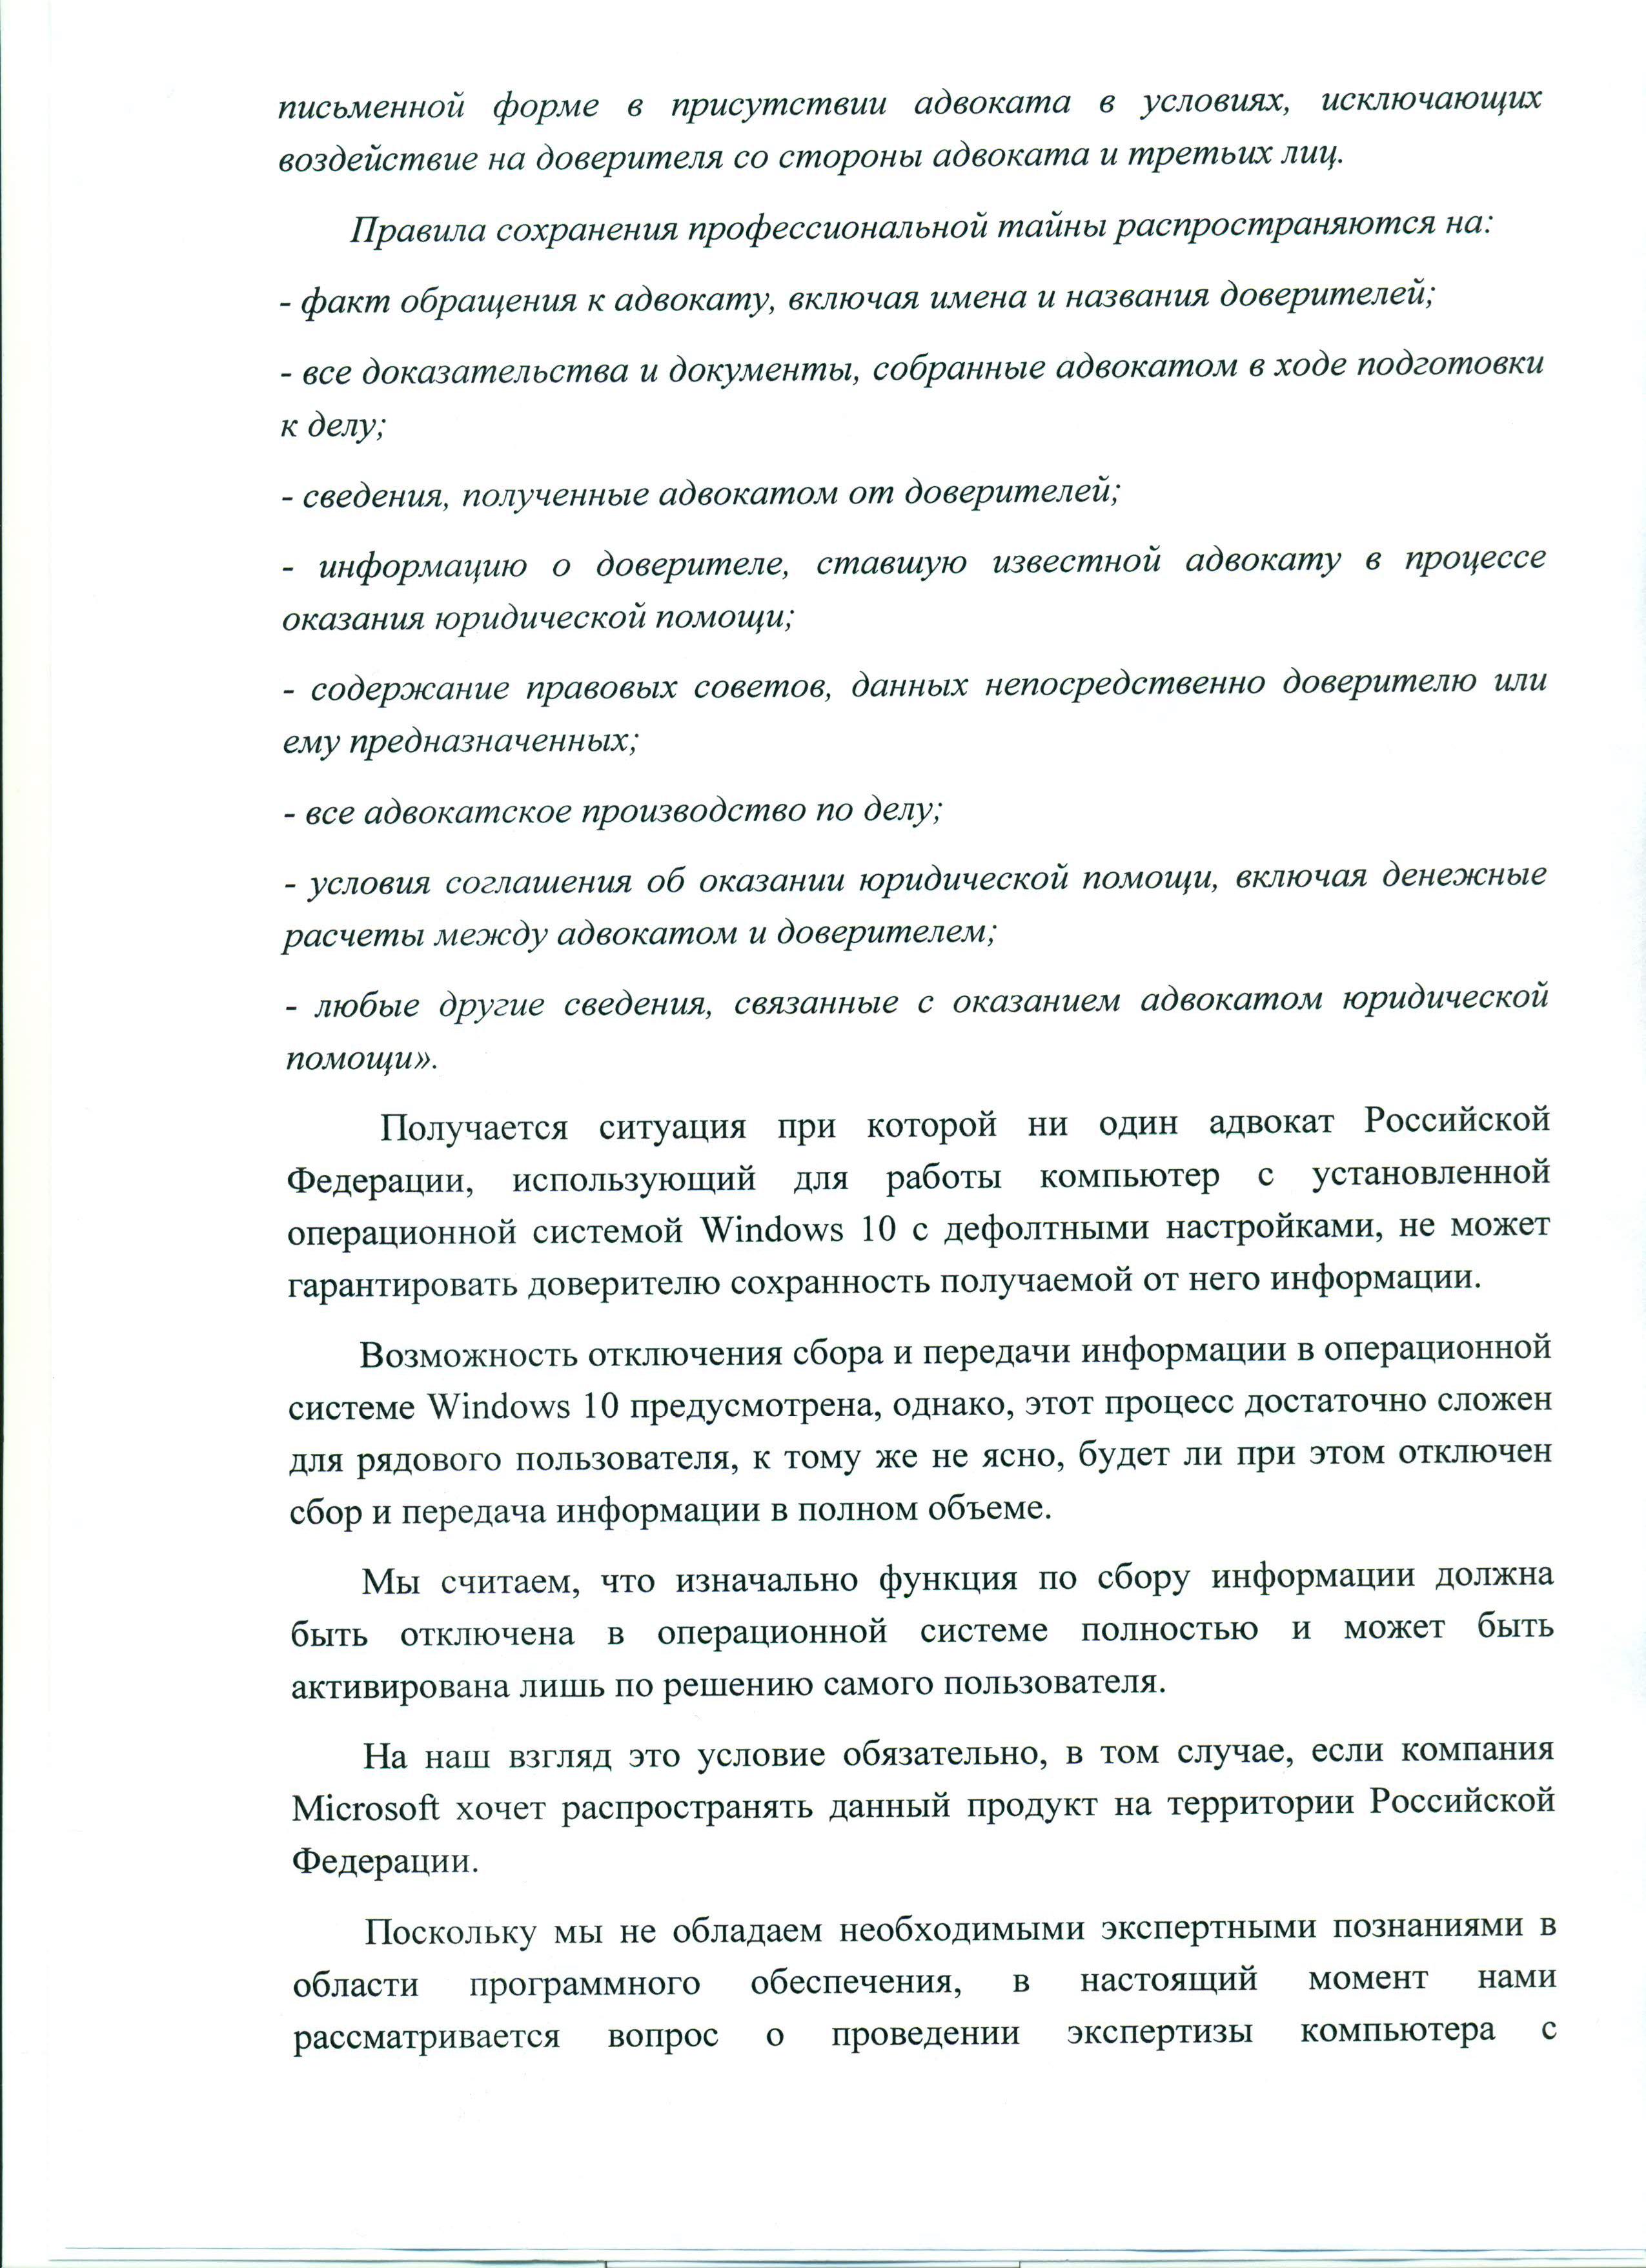 Жалоба генеральному прокурору РФ-3